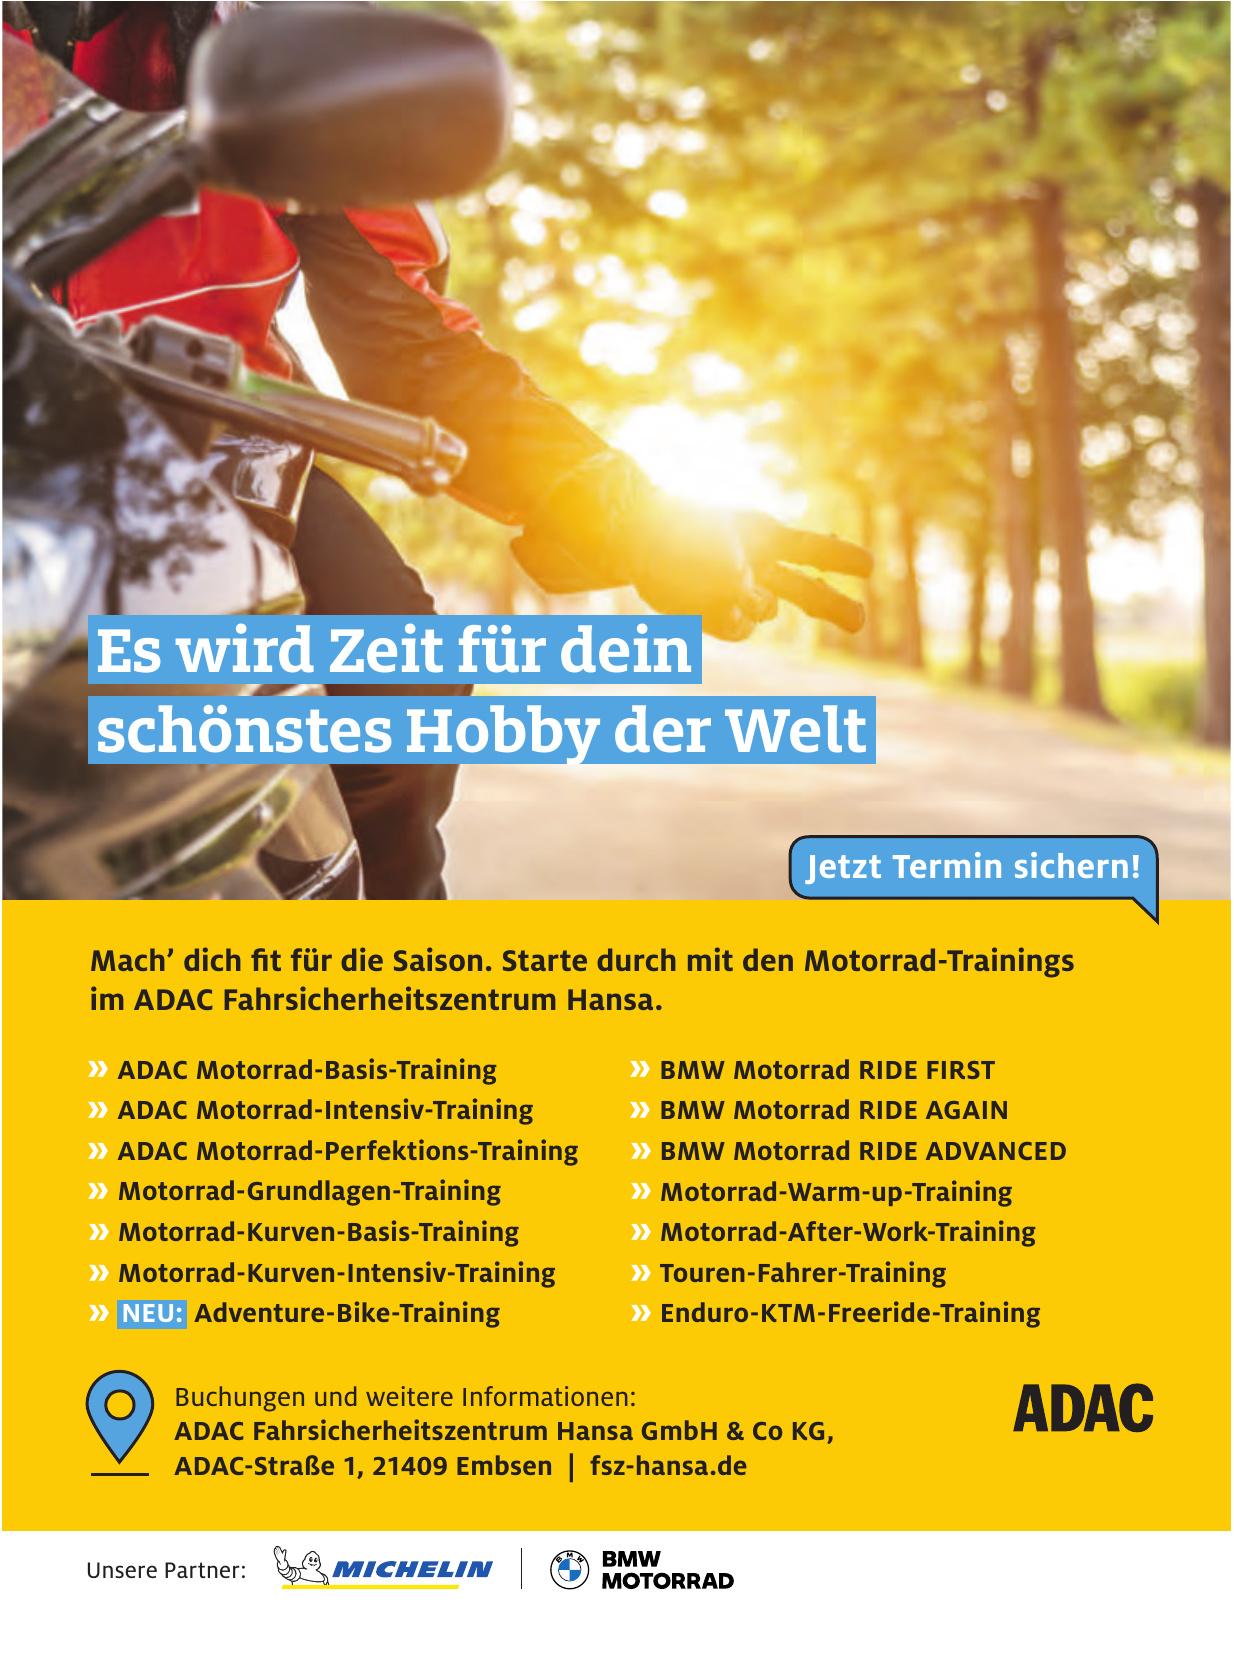 ADAC Fahrsicherheitszentrum Hansa GmbH & Co KG